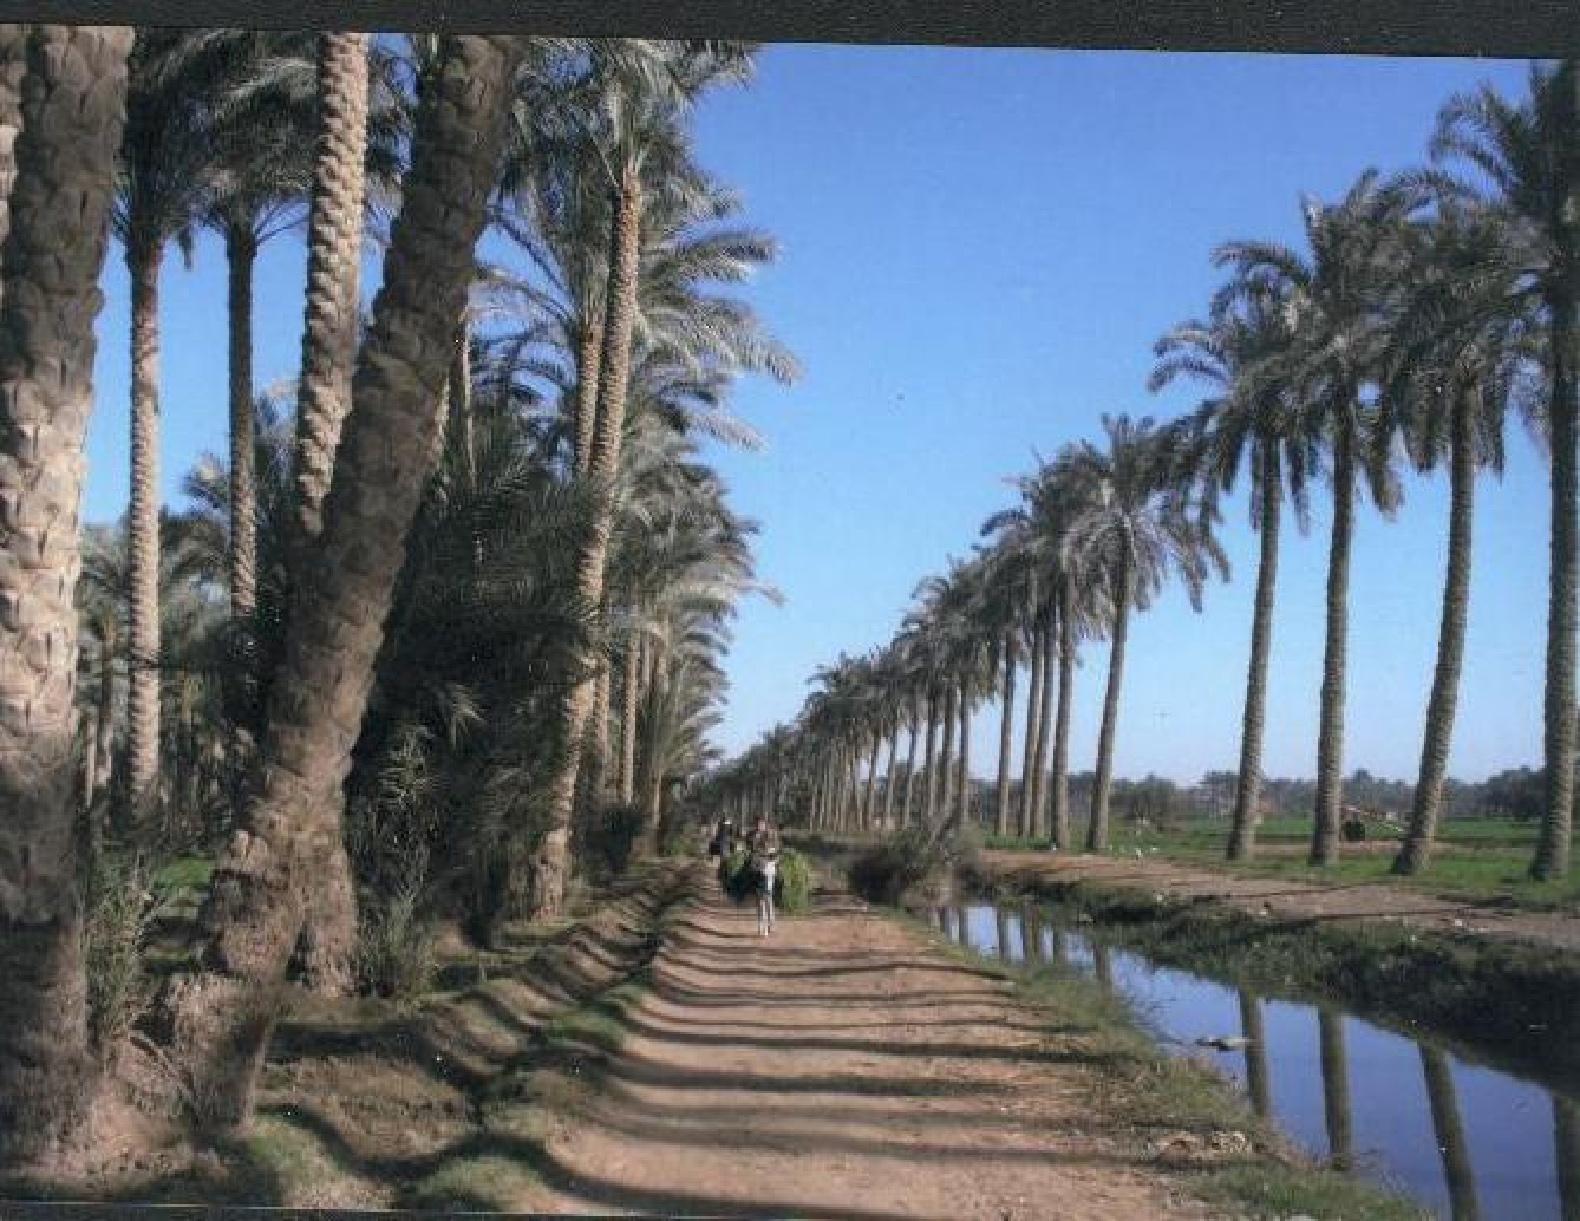 انشاء محطة تحلية عملاقة على الخليج لتوفير الماء الصالح للشرب لاهالي البصرة